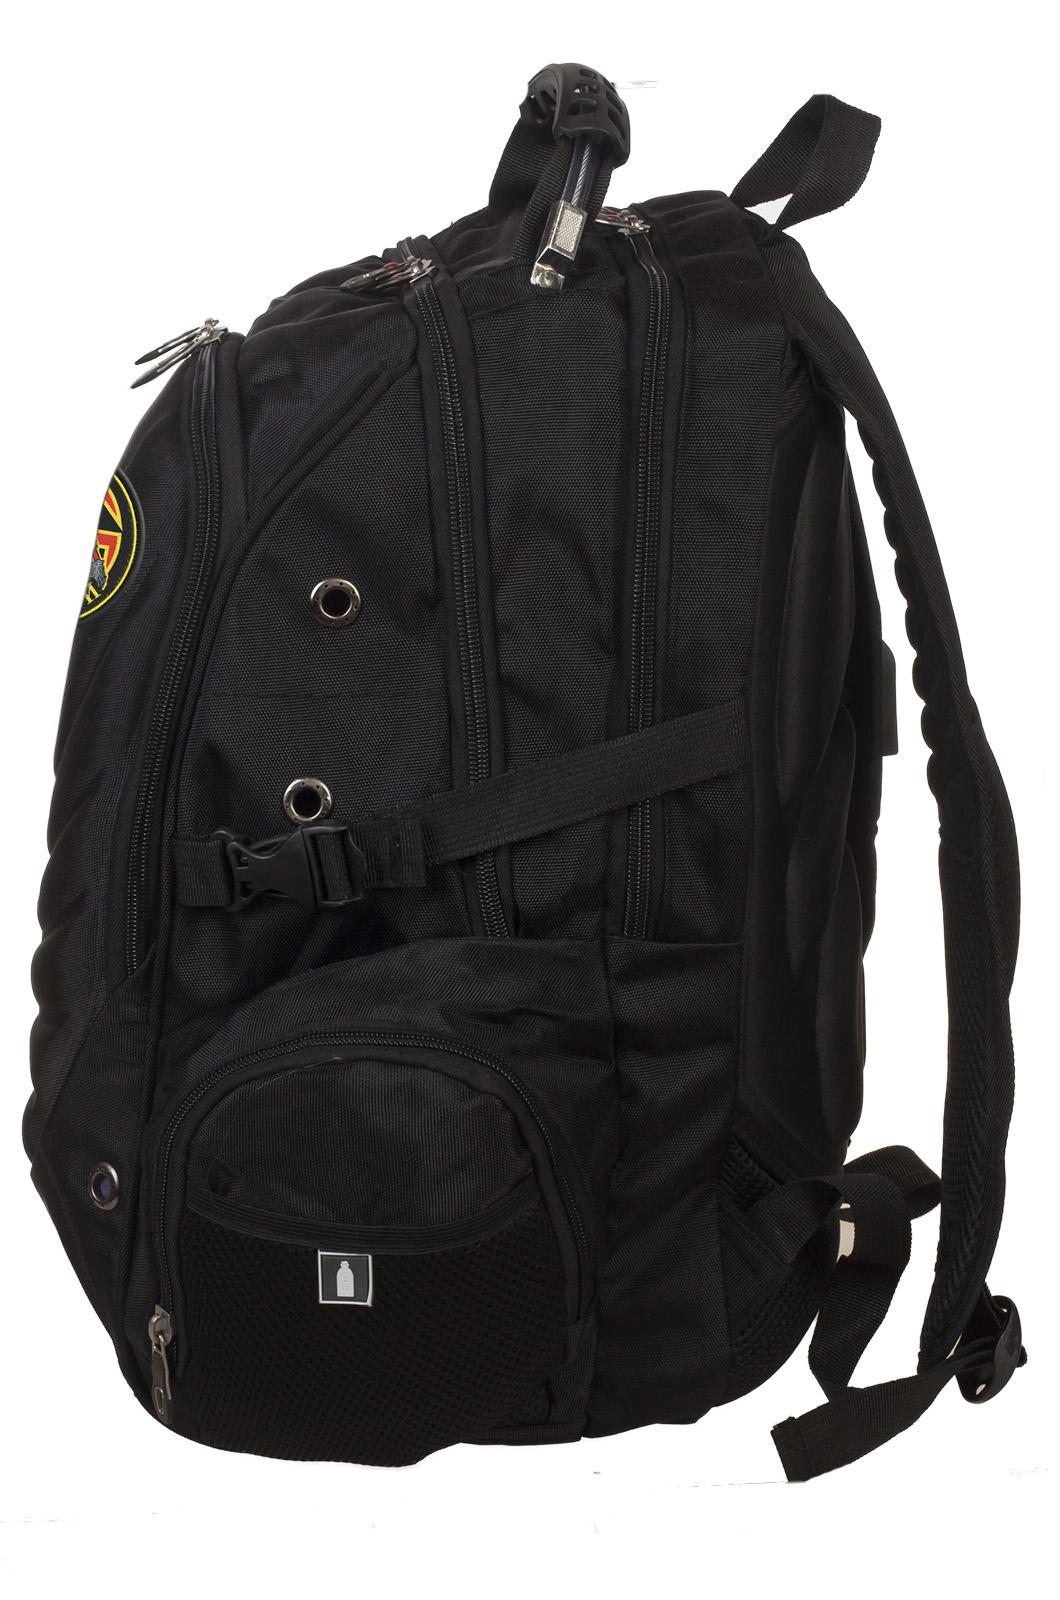 Зачетный вместительный рюкзак с нашивкой Слава Руси - купить онлайн